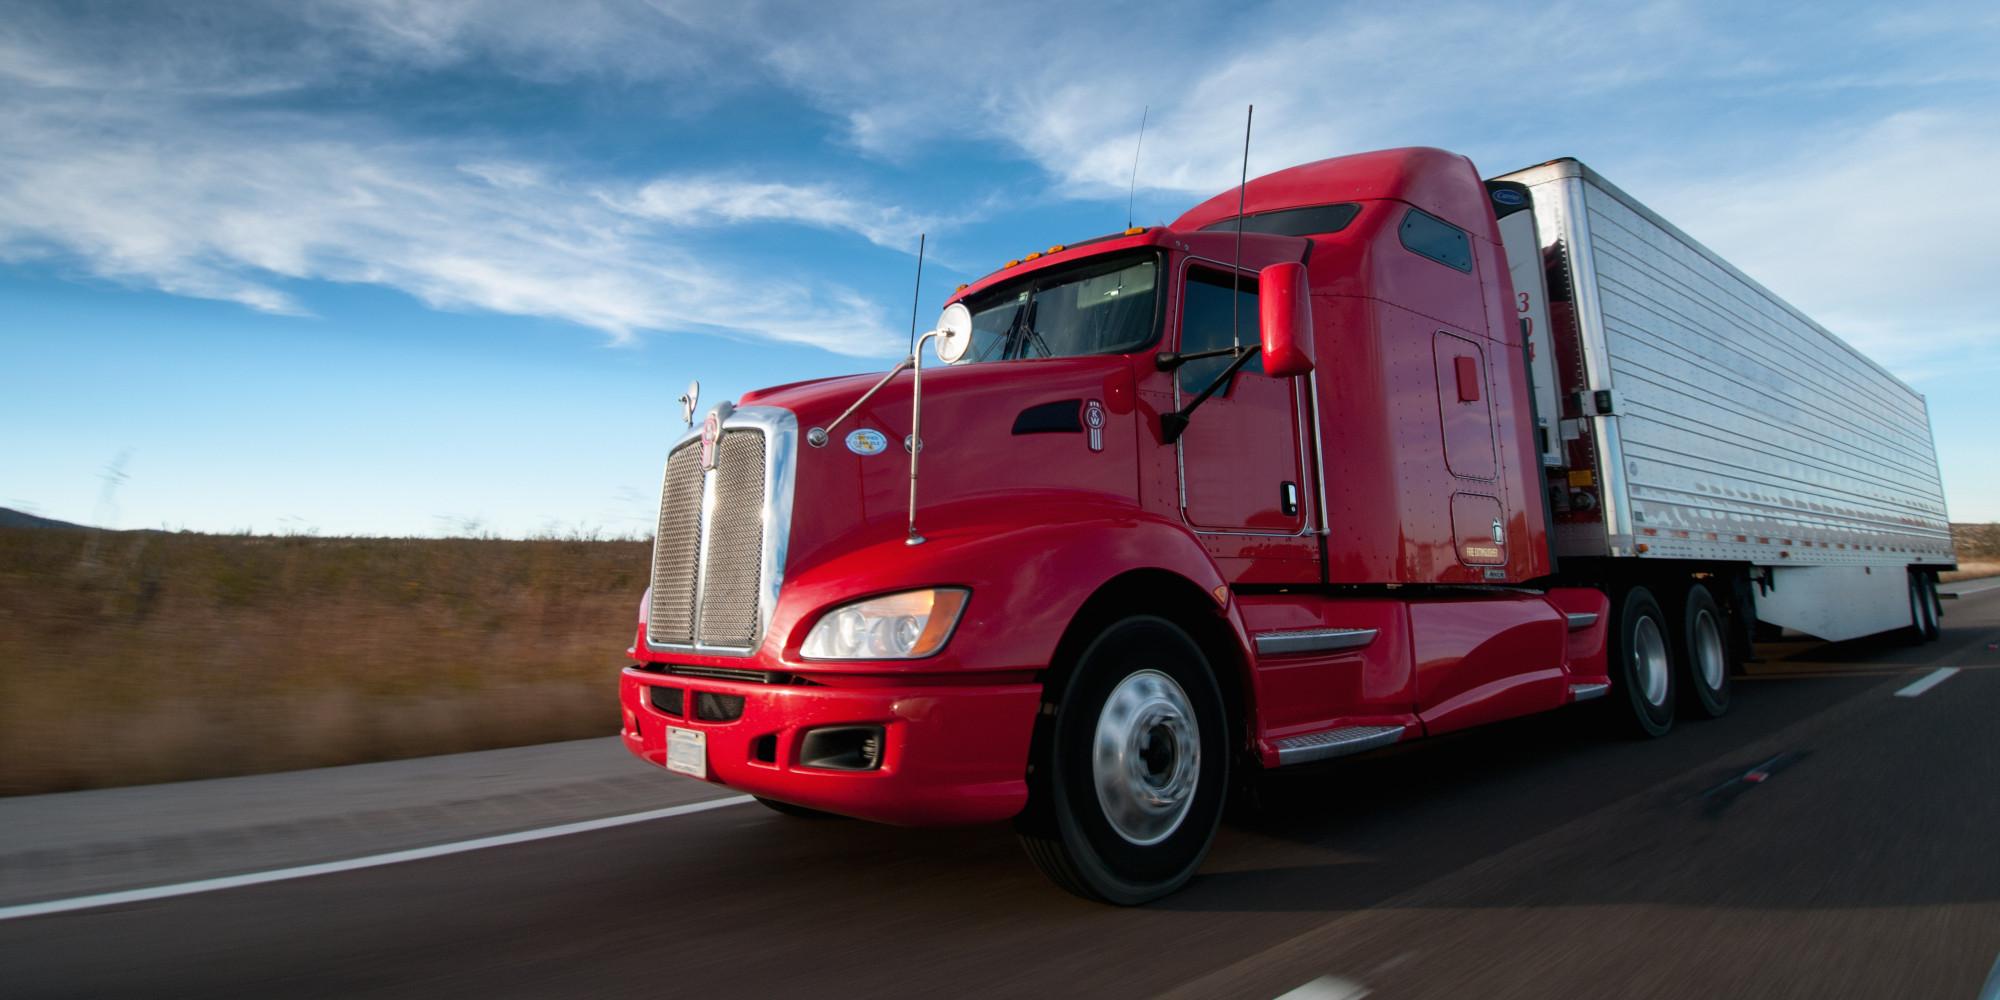 Heavy Duty Semi Truck Wallpaper   HD Wallpapers 2000x1000